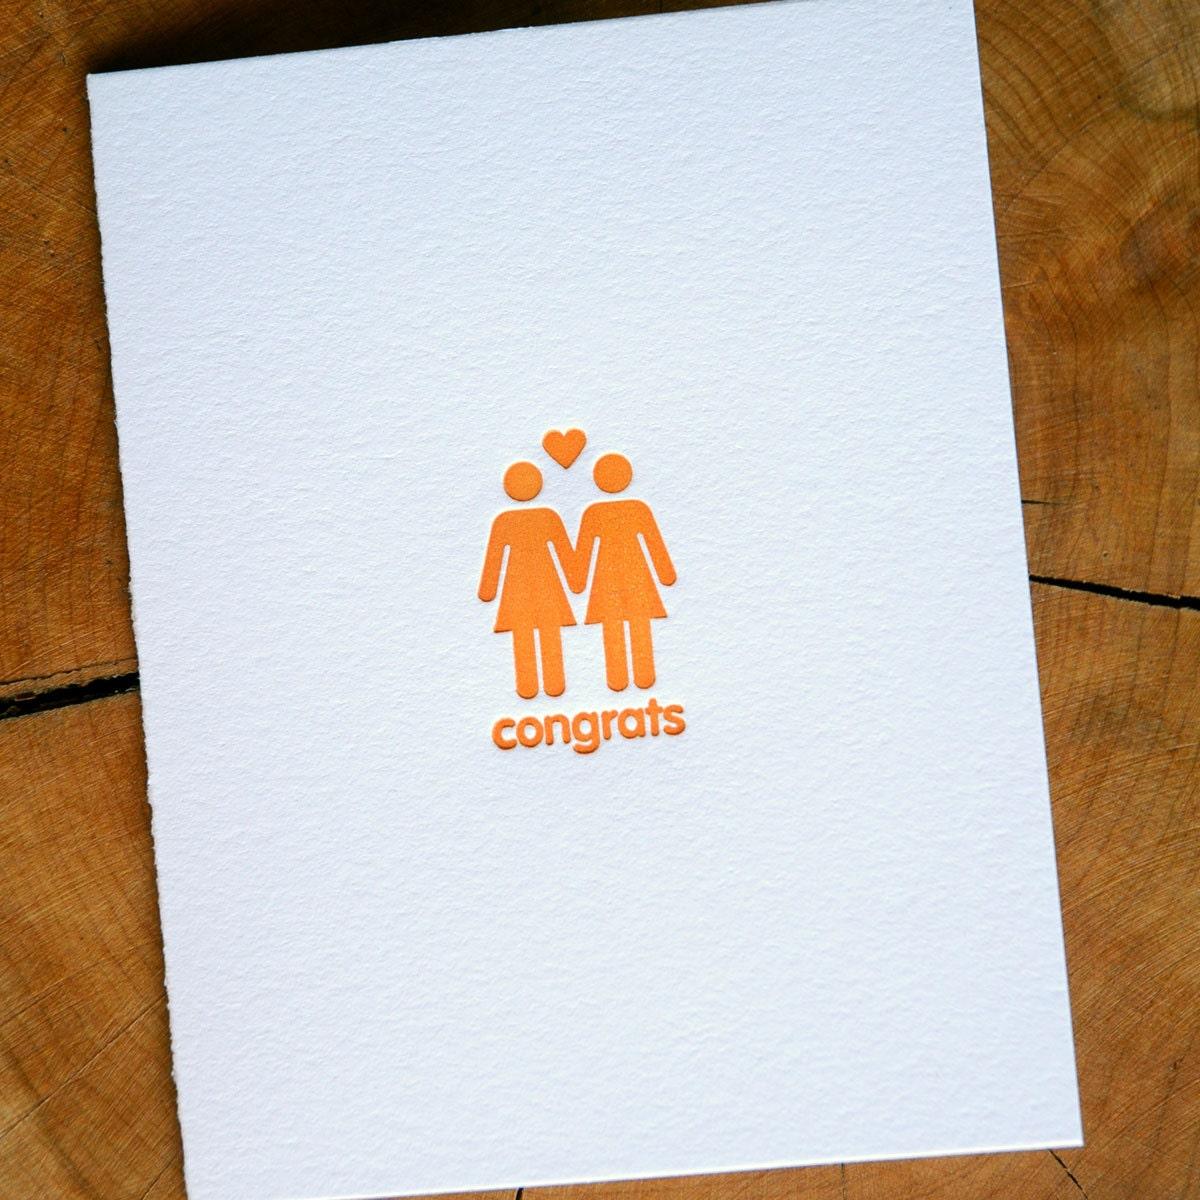 Lesbian couple congrats letterpress card